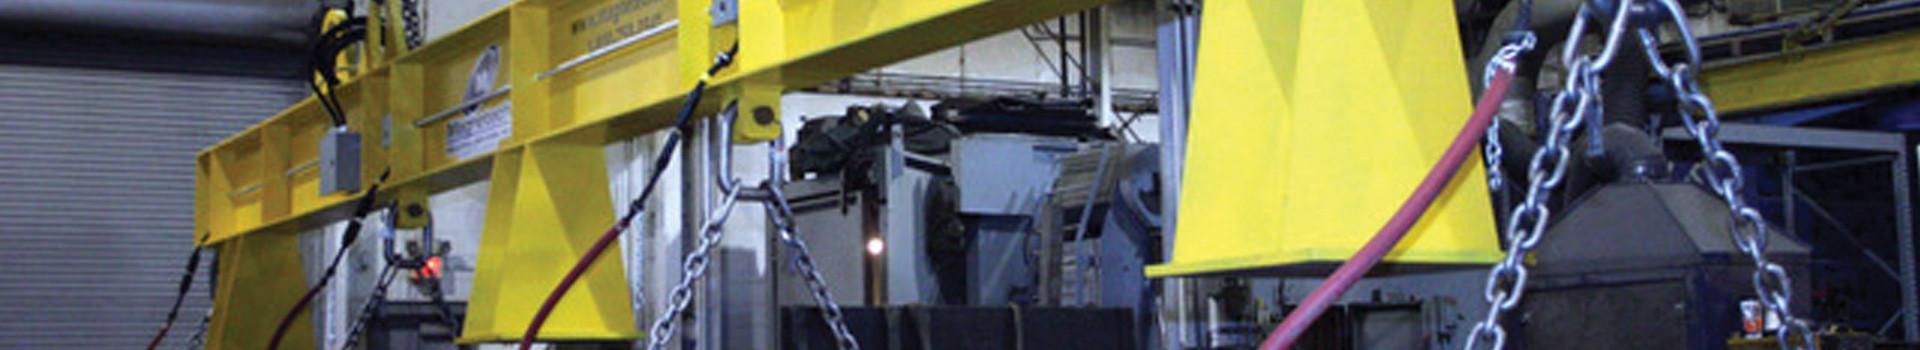 beam magnet crane